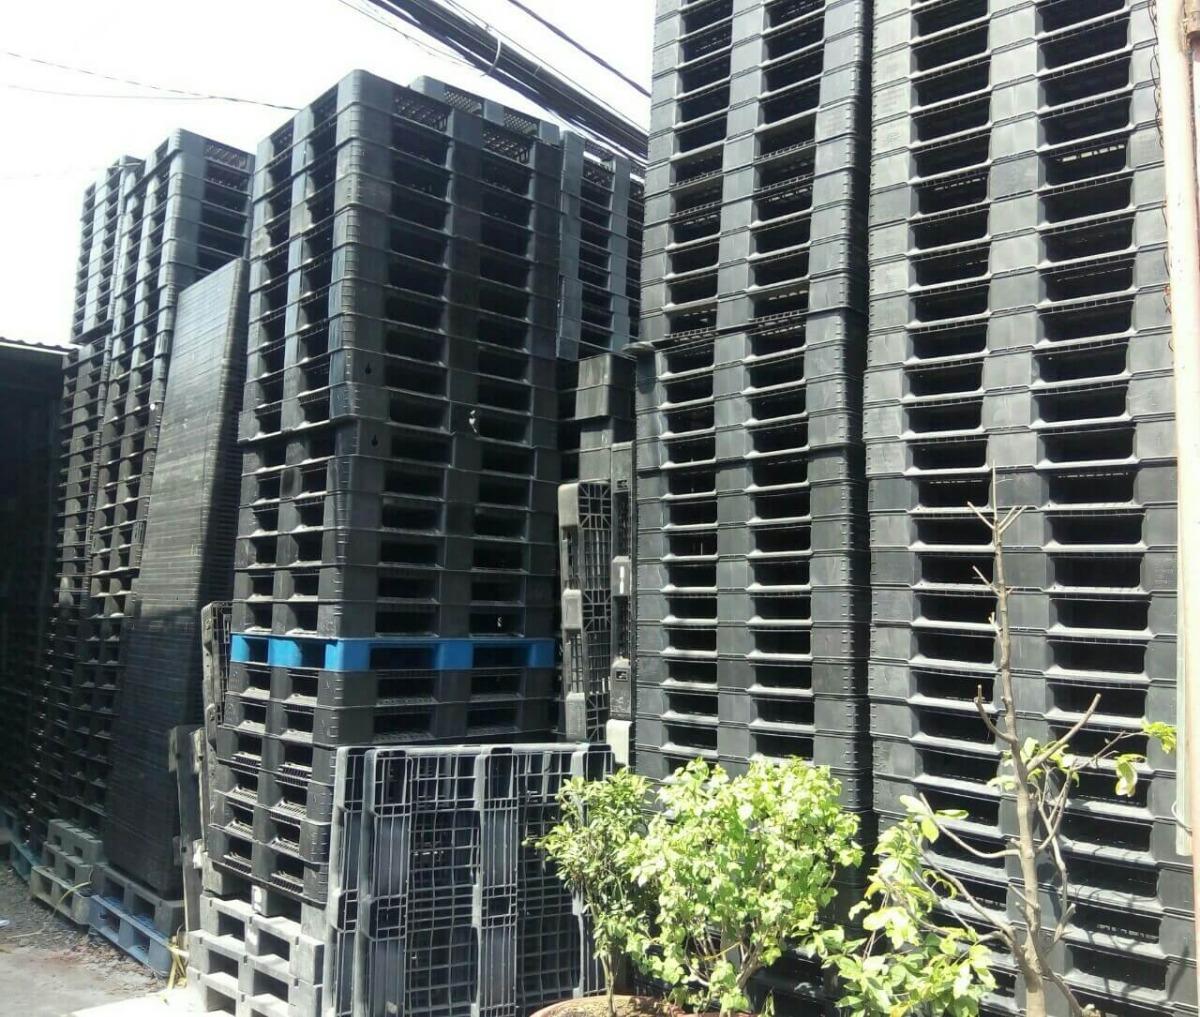 Công Ty TNHH Thương Mại Thiết Bị Công Nghiệp Đức Hòa - Duc Hoa IduStry chuyên pallet nhập khẩu, nhựa pallet nhựa cũ mới, cung ứng toàn quốc